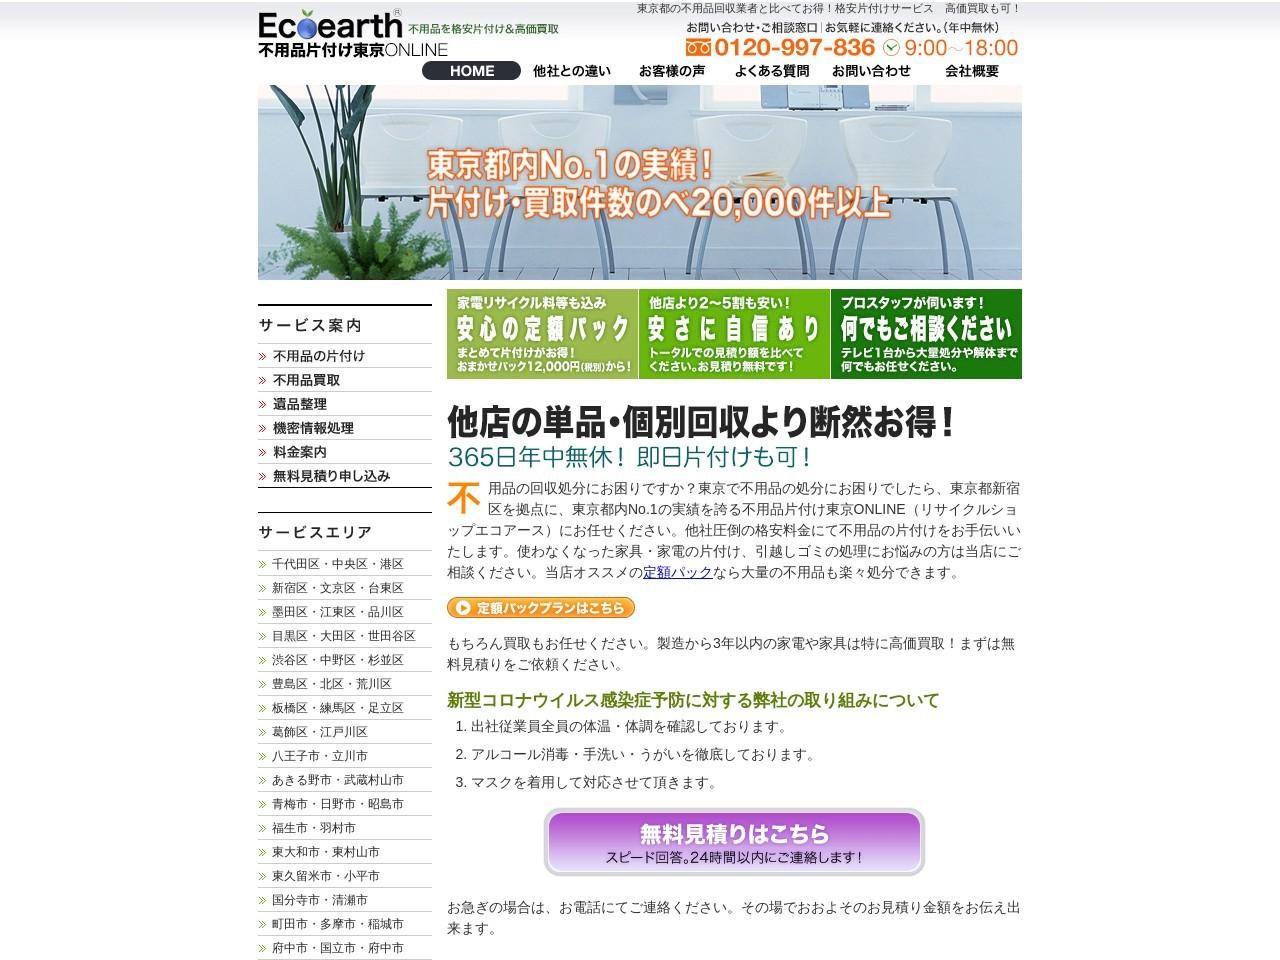 株式会社エコアース